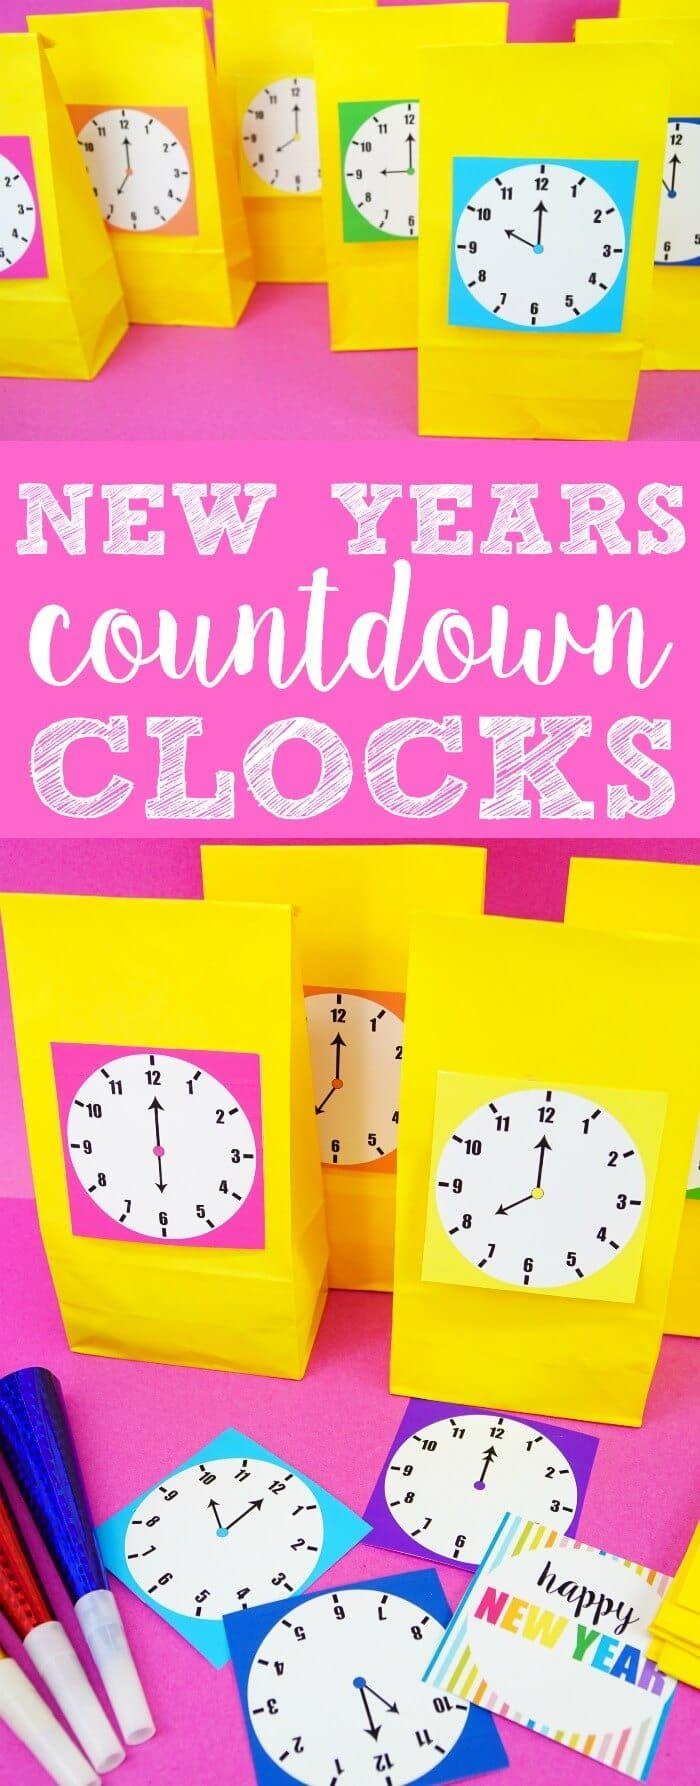 New Years Countdown Clock Kids new years eve, New years